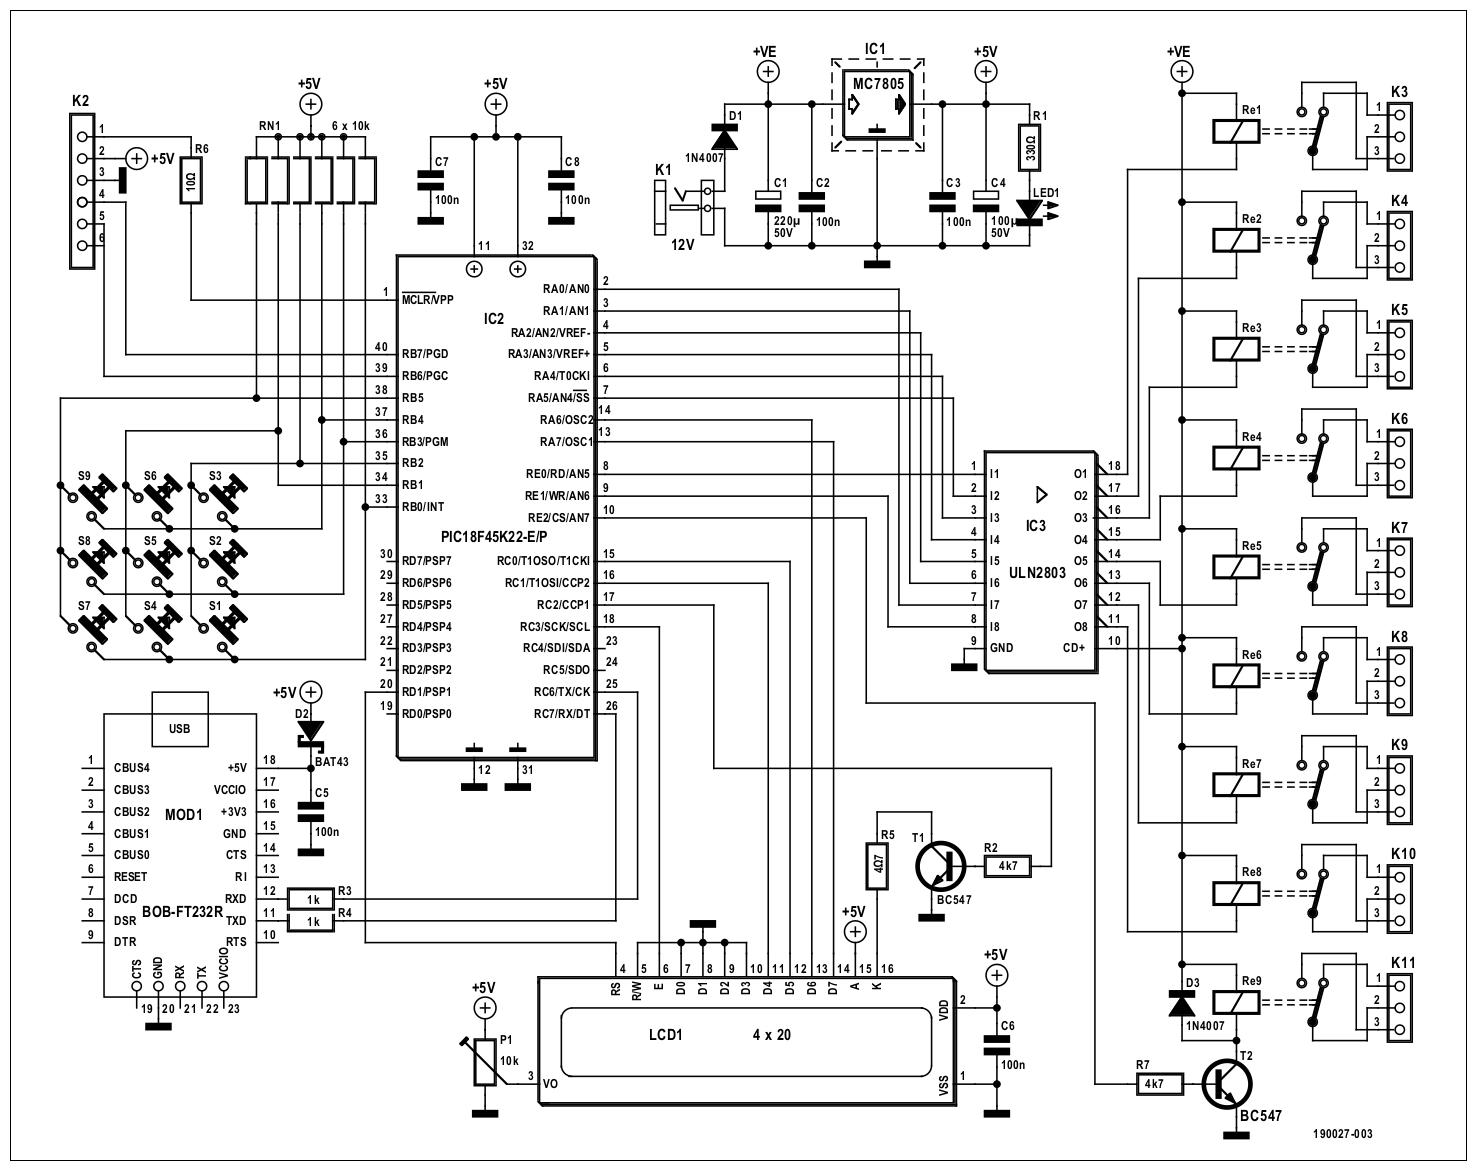 Figura 1: grazie alla potenza e alla funzionalità dei moderni circuiti integrati, in particolare i microcontrollori, sono necessarie solo poche parti per creare un utile dispositivo